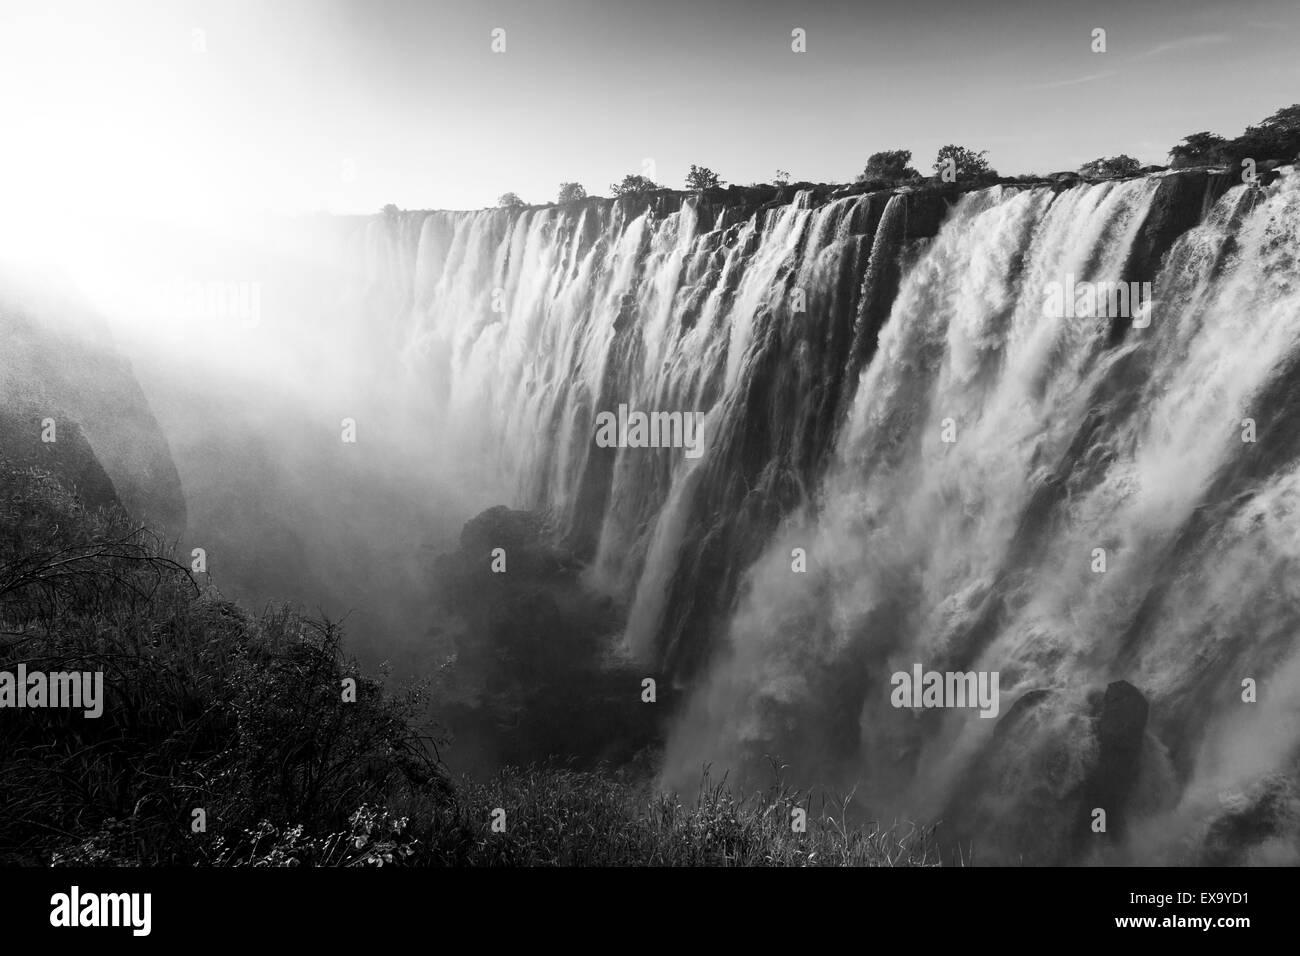 África, Zambia Mosi-Oa-Tunya National Park, puesta del sol oriental luces Cataratas de Victoria Falls Imagen De Stock